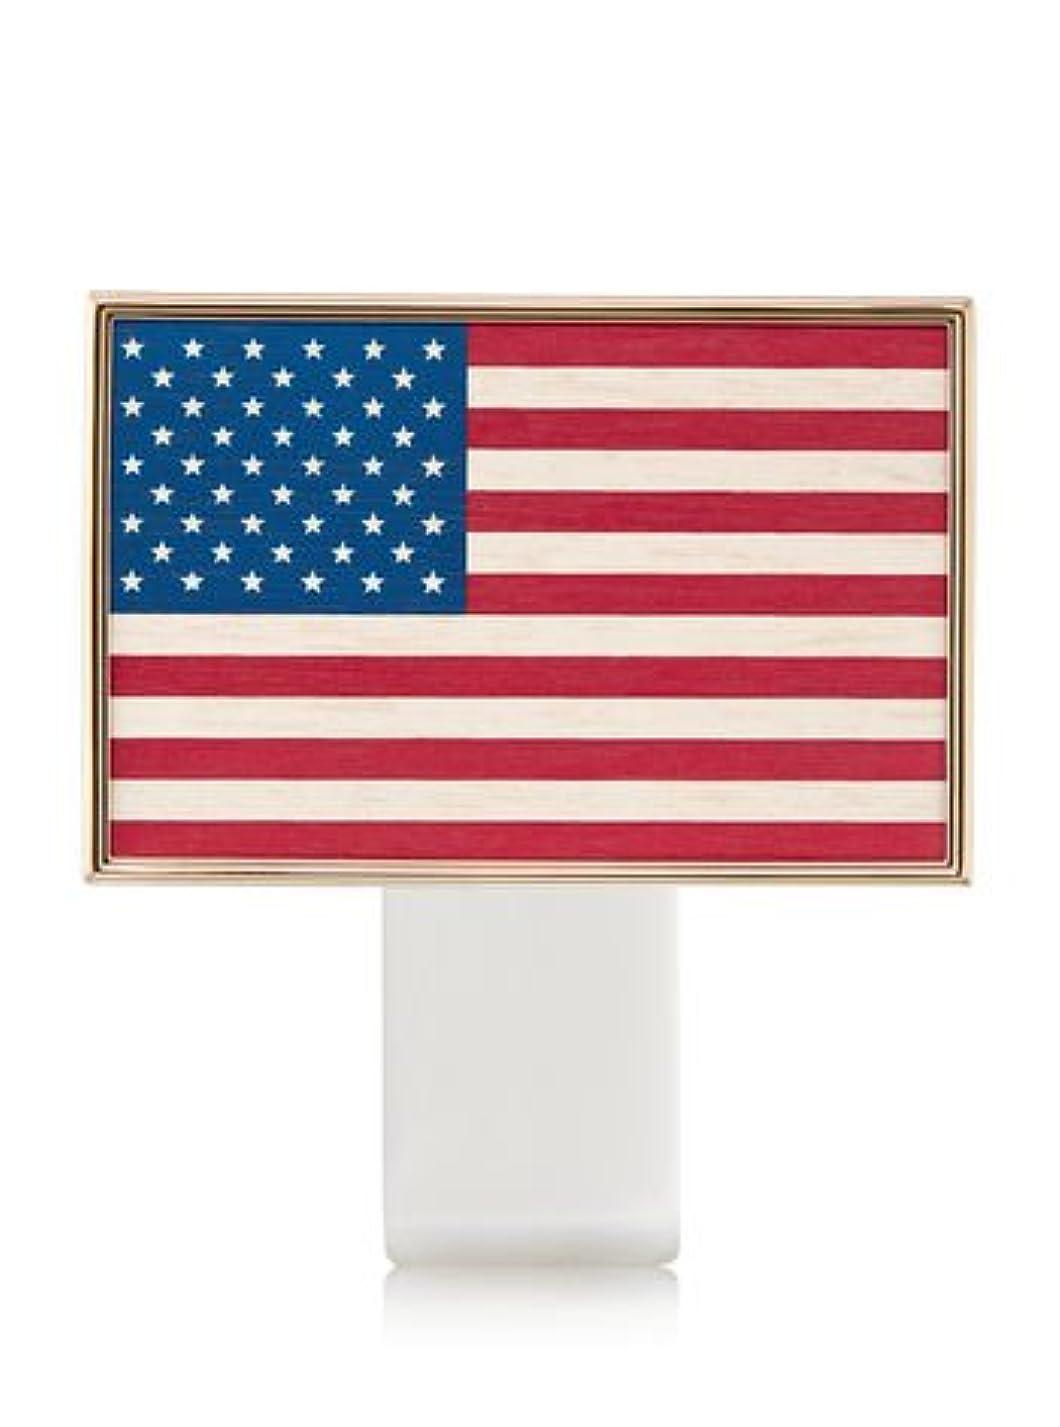 セーブ黒板減らす【Bath&Body Works/バス&ボディワークス】 ルームフレグランス プラグインスターター (本体のみ) アメリカンフラッグ Wallflowers Fragrance Plug American Flag [並行輸入品]